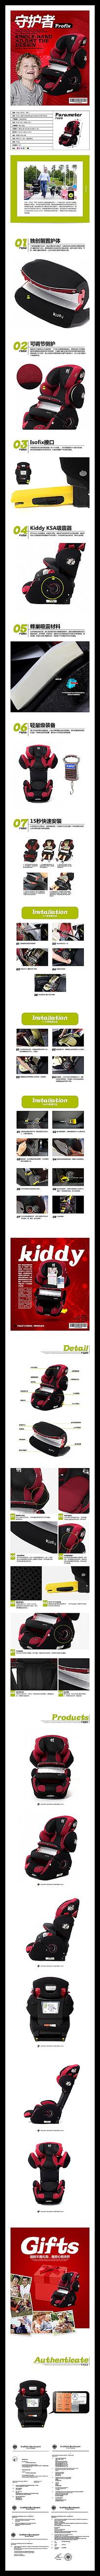 婴儿汽车安全座椅淘宝详情页